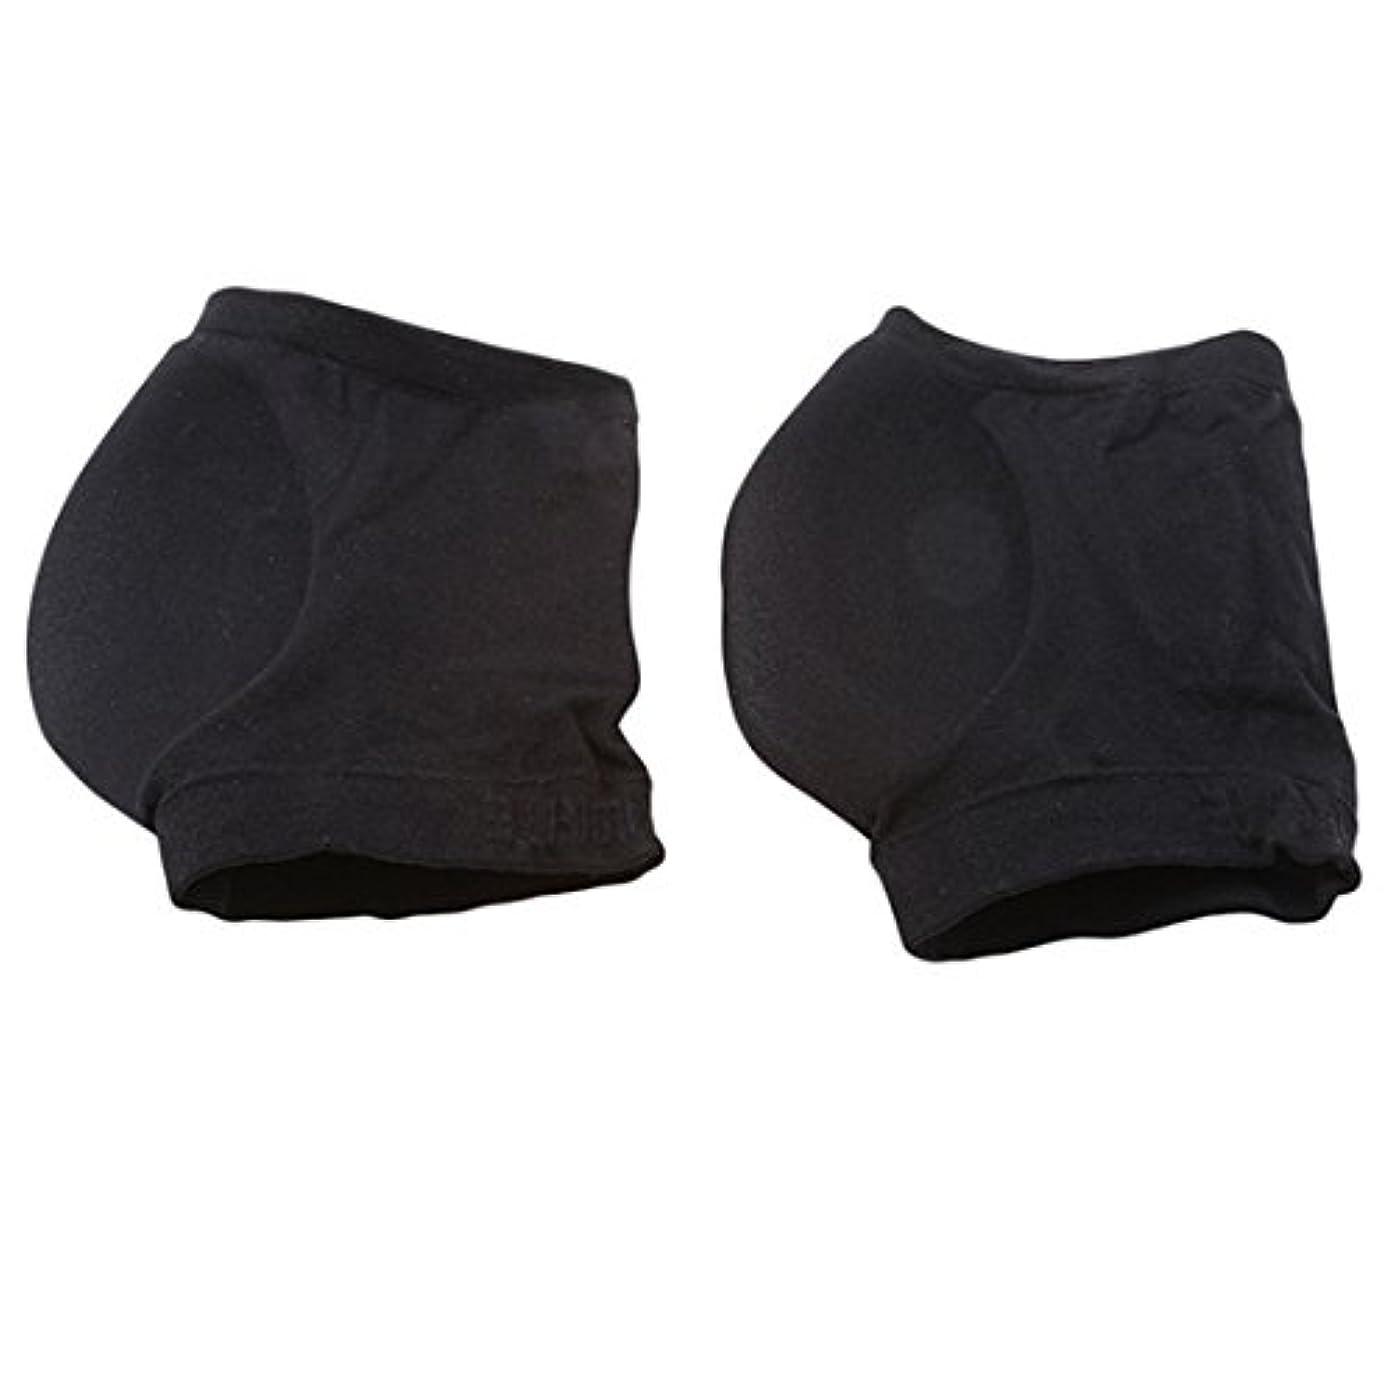 拮抗する中止しますペフKLUMA 靴下 かかと ソックス 角質ケア うるおい 保湿 角質除去 足ケア レディース メンズ